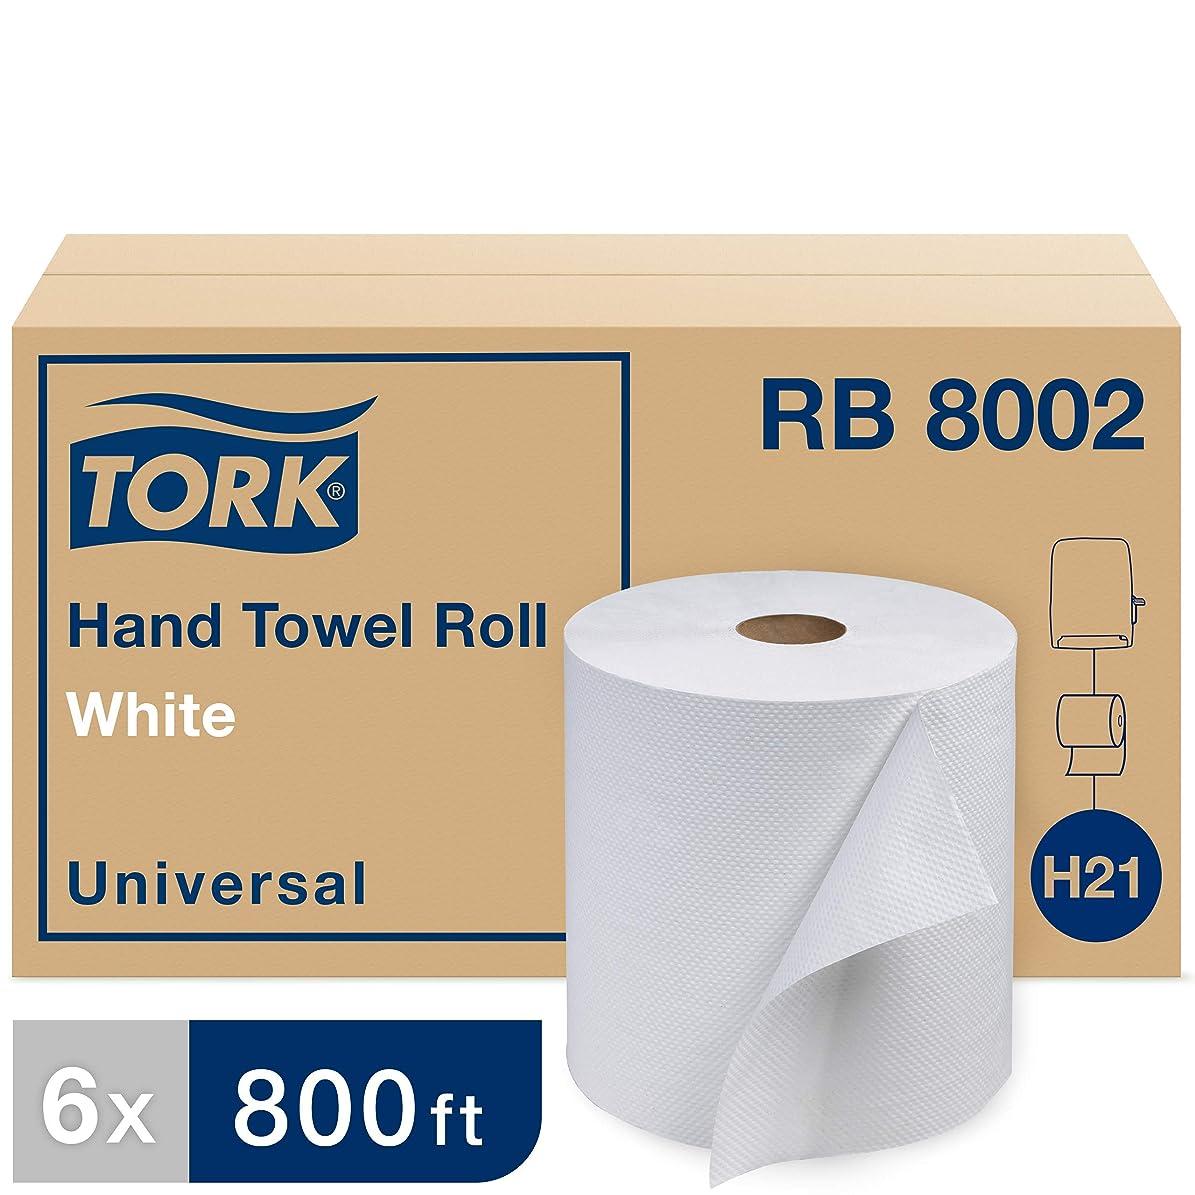 ラリー当社削減Torkユニバーサルrb8002?Hardwoundロール紙タオル、1-ply、7.87?